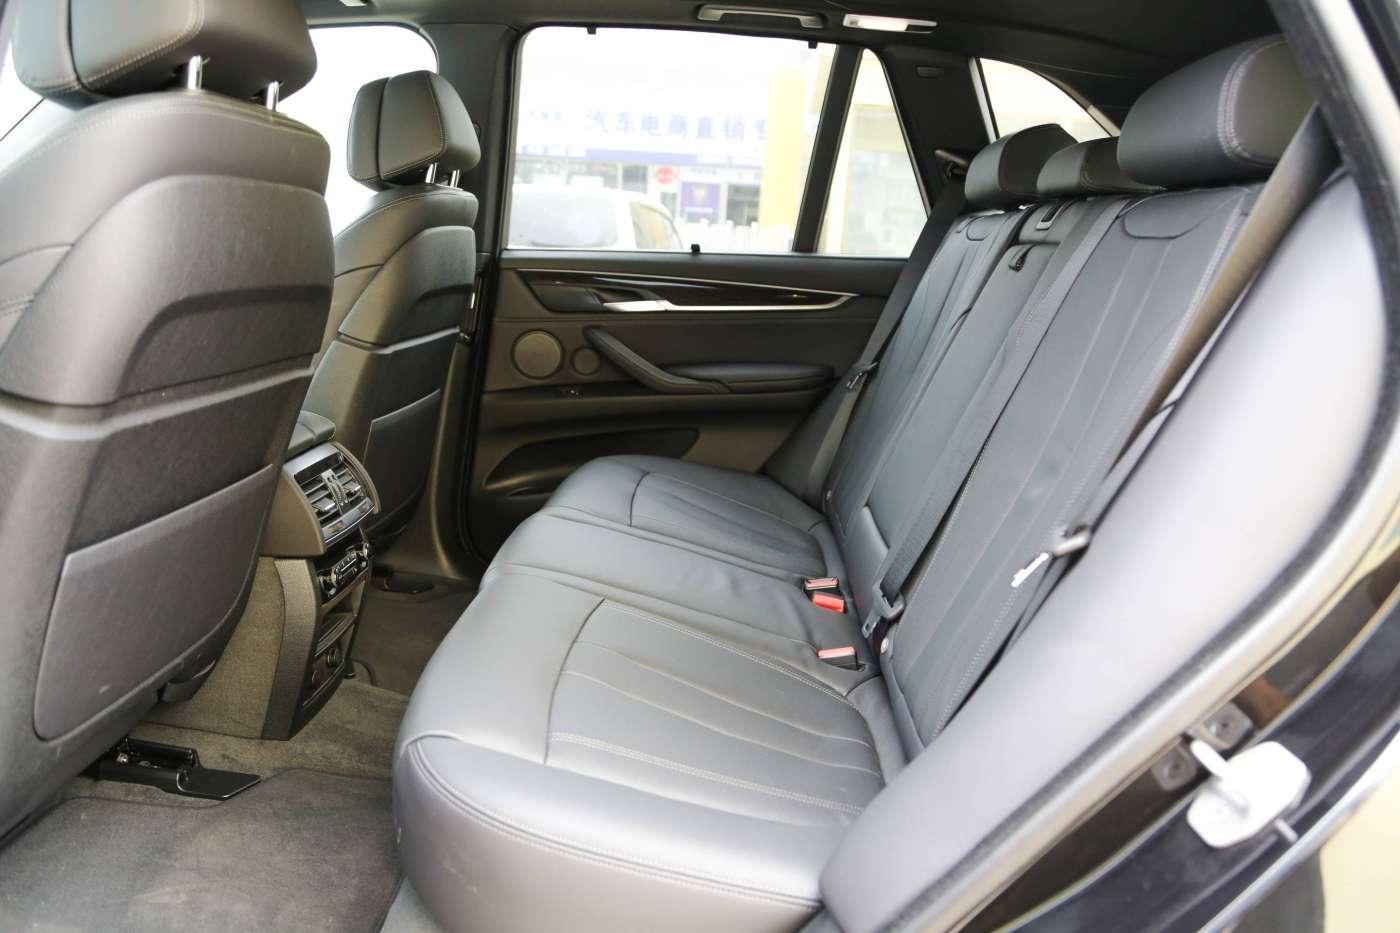 2018款 宝马X5 xDrive35i M运动豪华型|进口宝马-北京卡斯基汽车服务有限公司